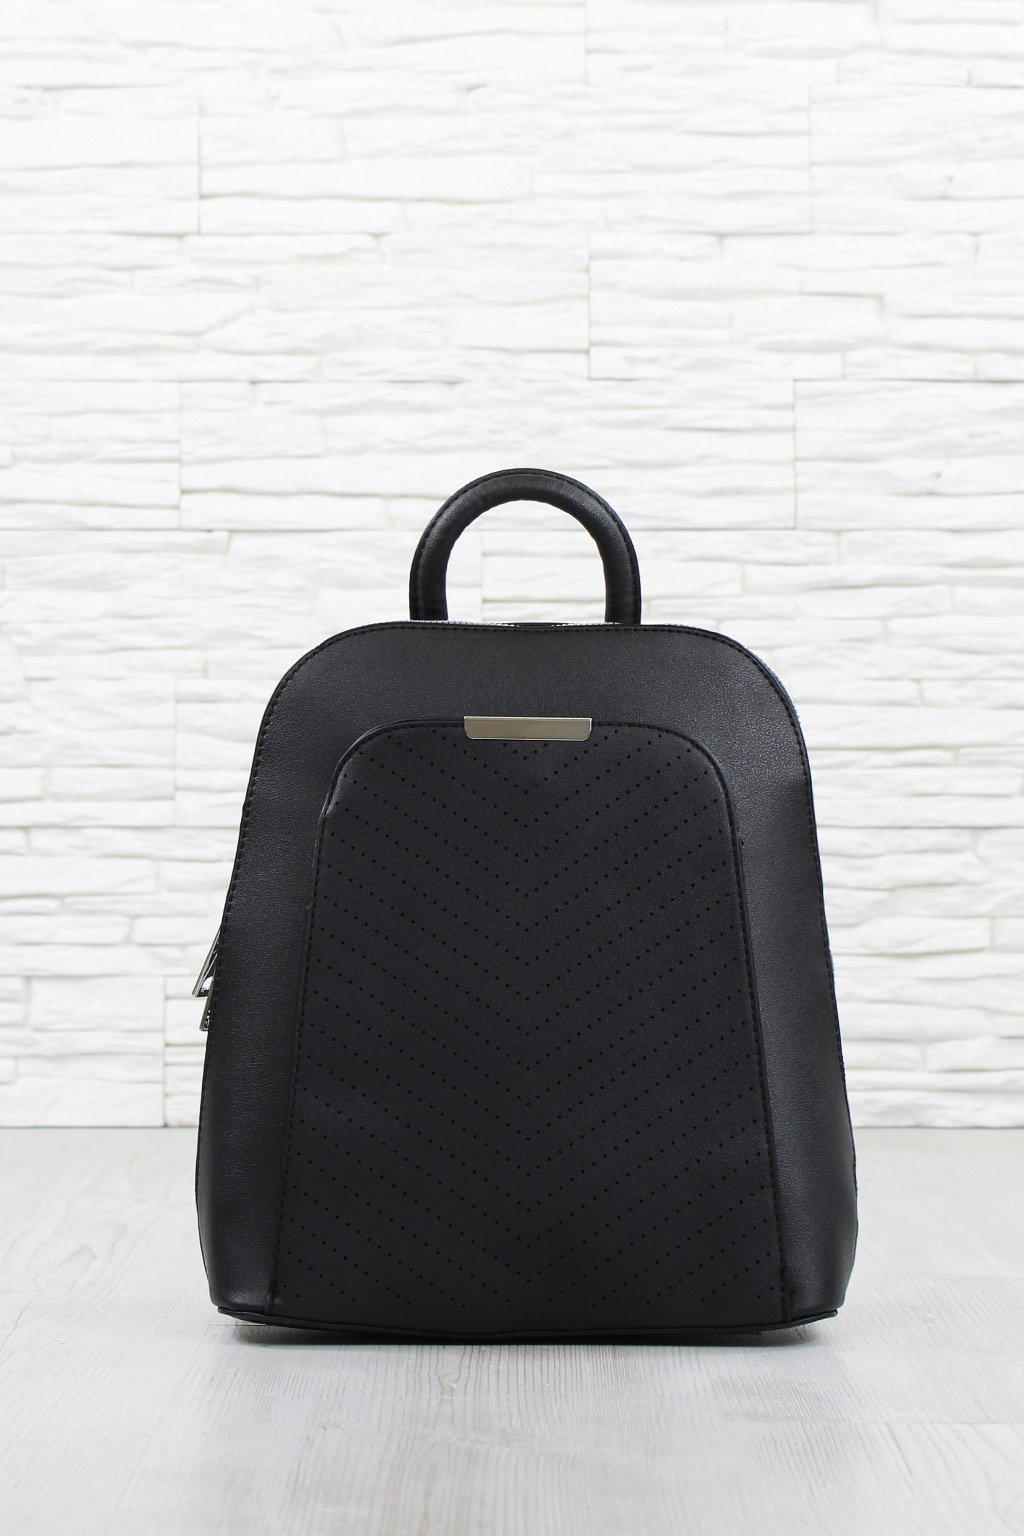 Černý perforovaný batoh 5362 BB (1)